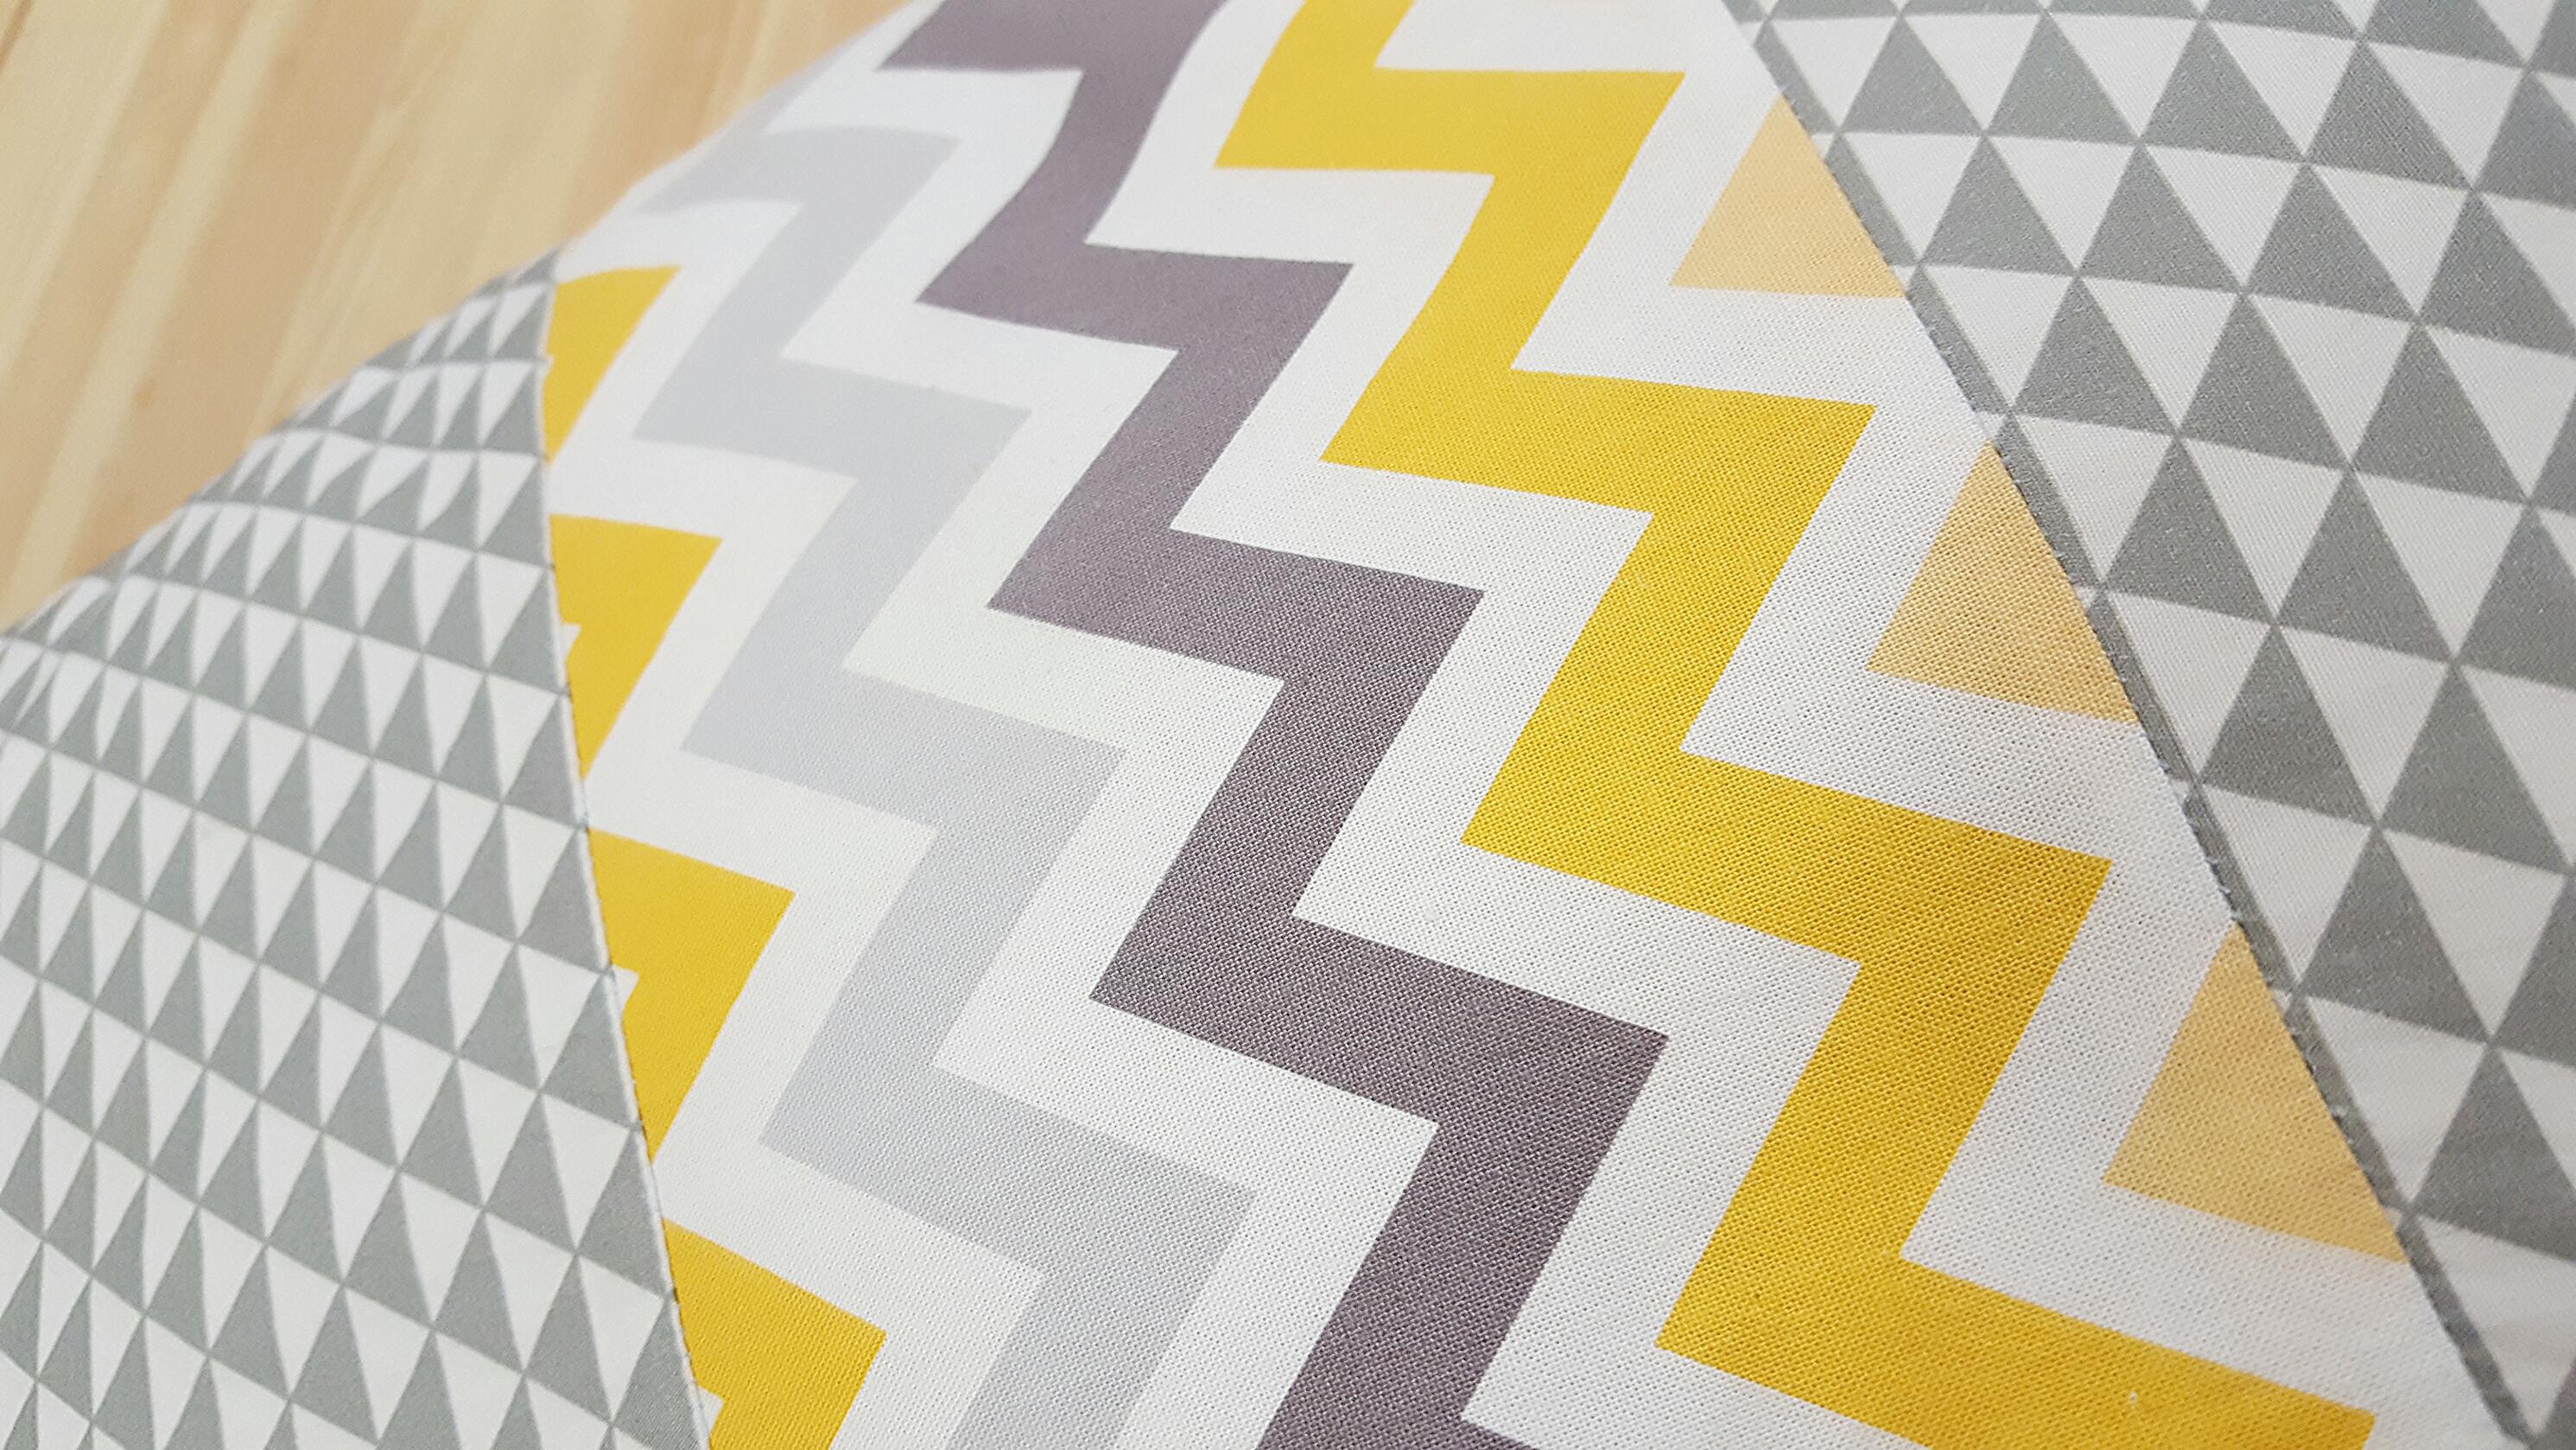 coussin d allaitement bras calibabies jaune et gris lilye co. Black Bedroom Furniture Sets. Home Design Ideas